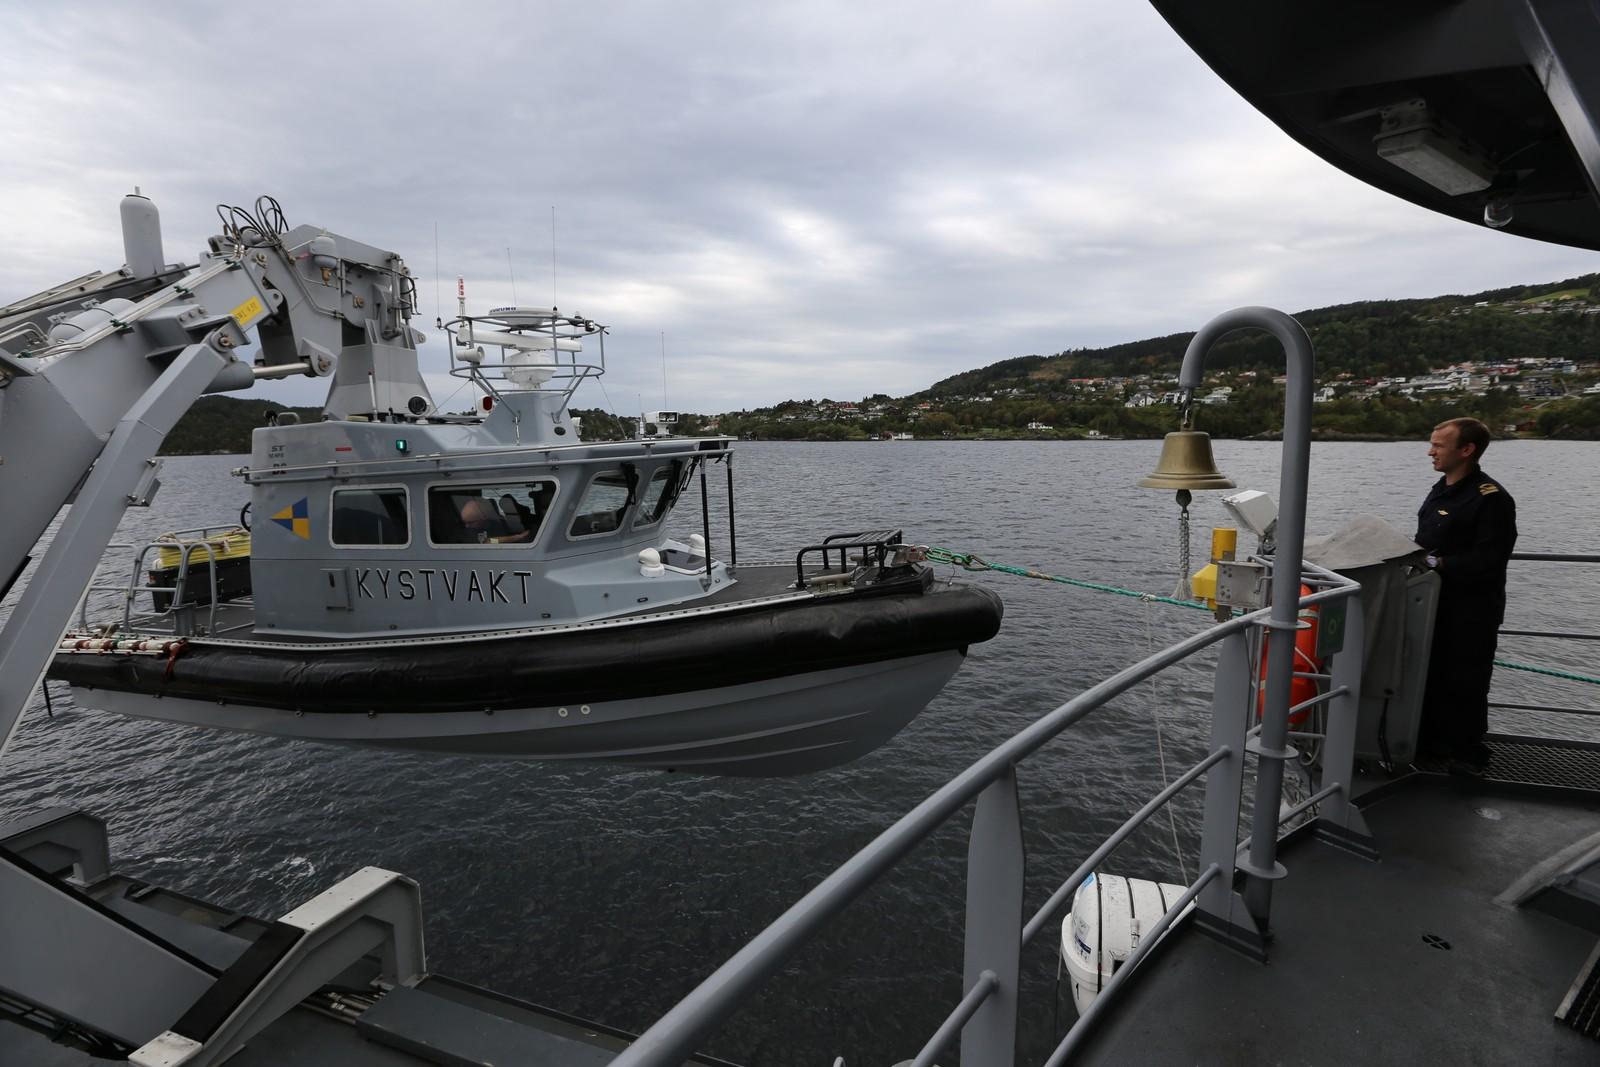 HEISES OM BORD: KV Tor er utstyrt med to lettbåter. Den største, som du ser i forgrunnen, tåler å bli kastet helt rundt uten å synke. Her heises den om bord etter endt patrulje.